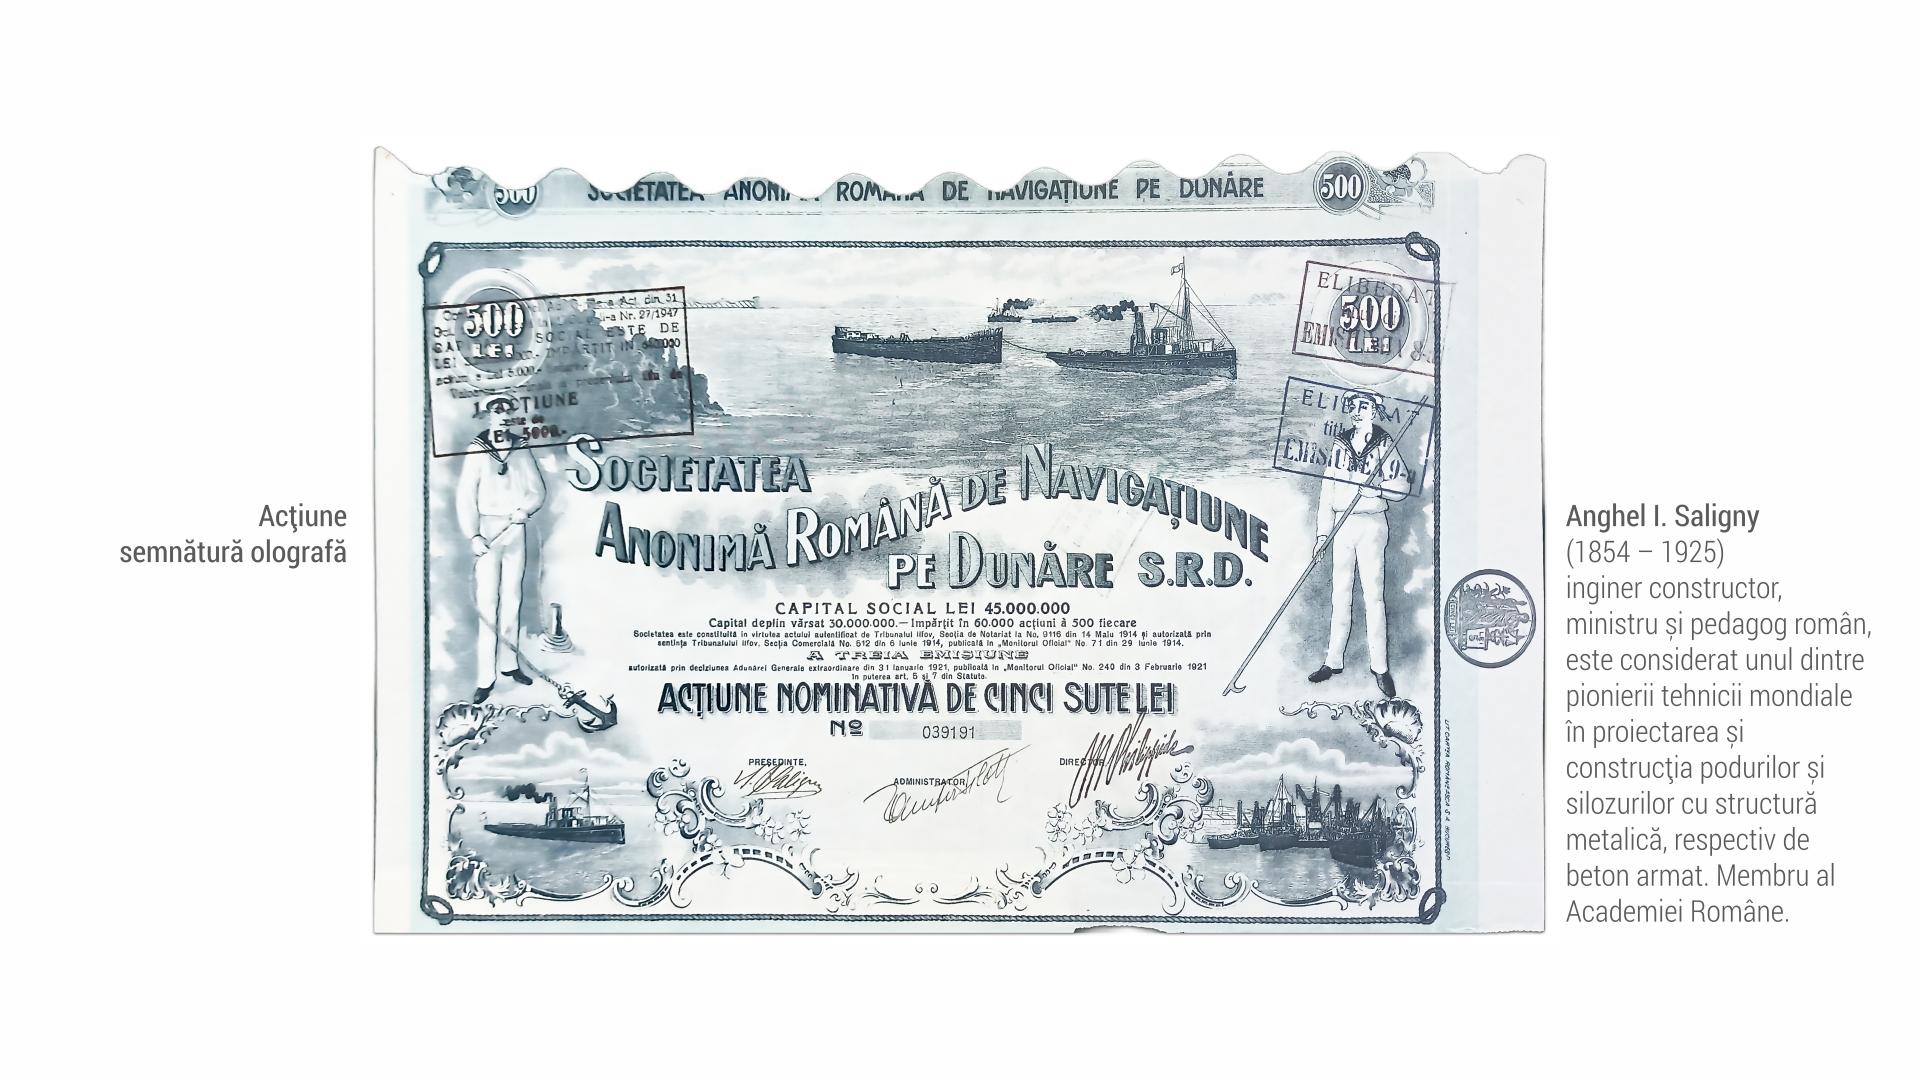 1854 Anghel Saligny - actiune